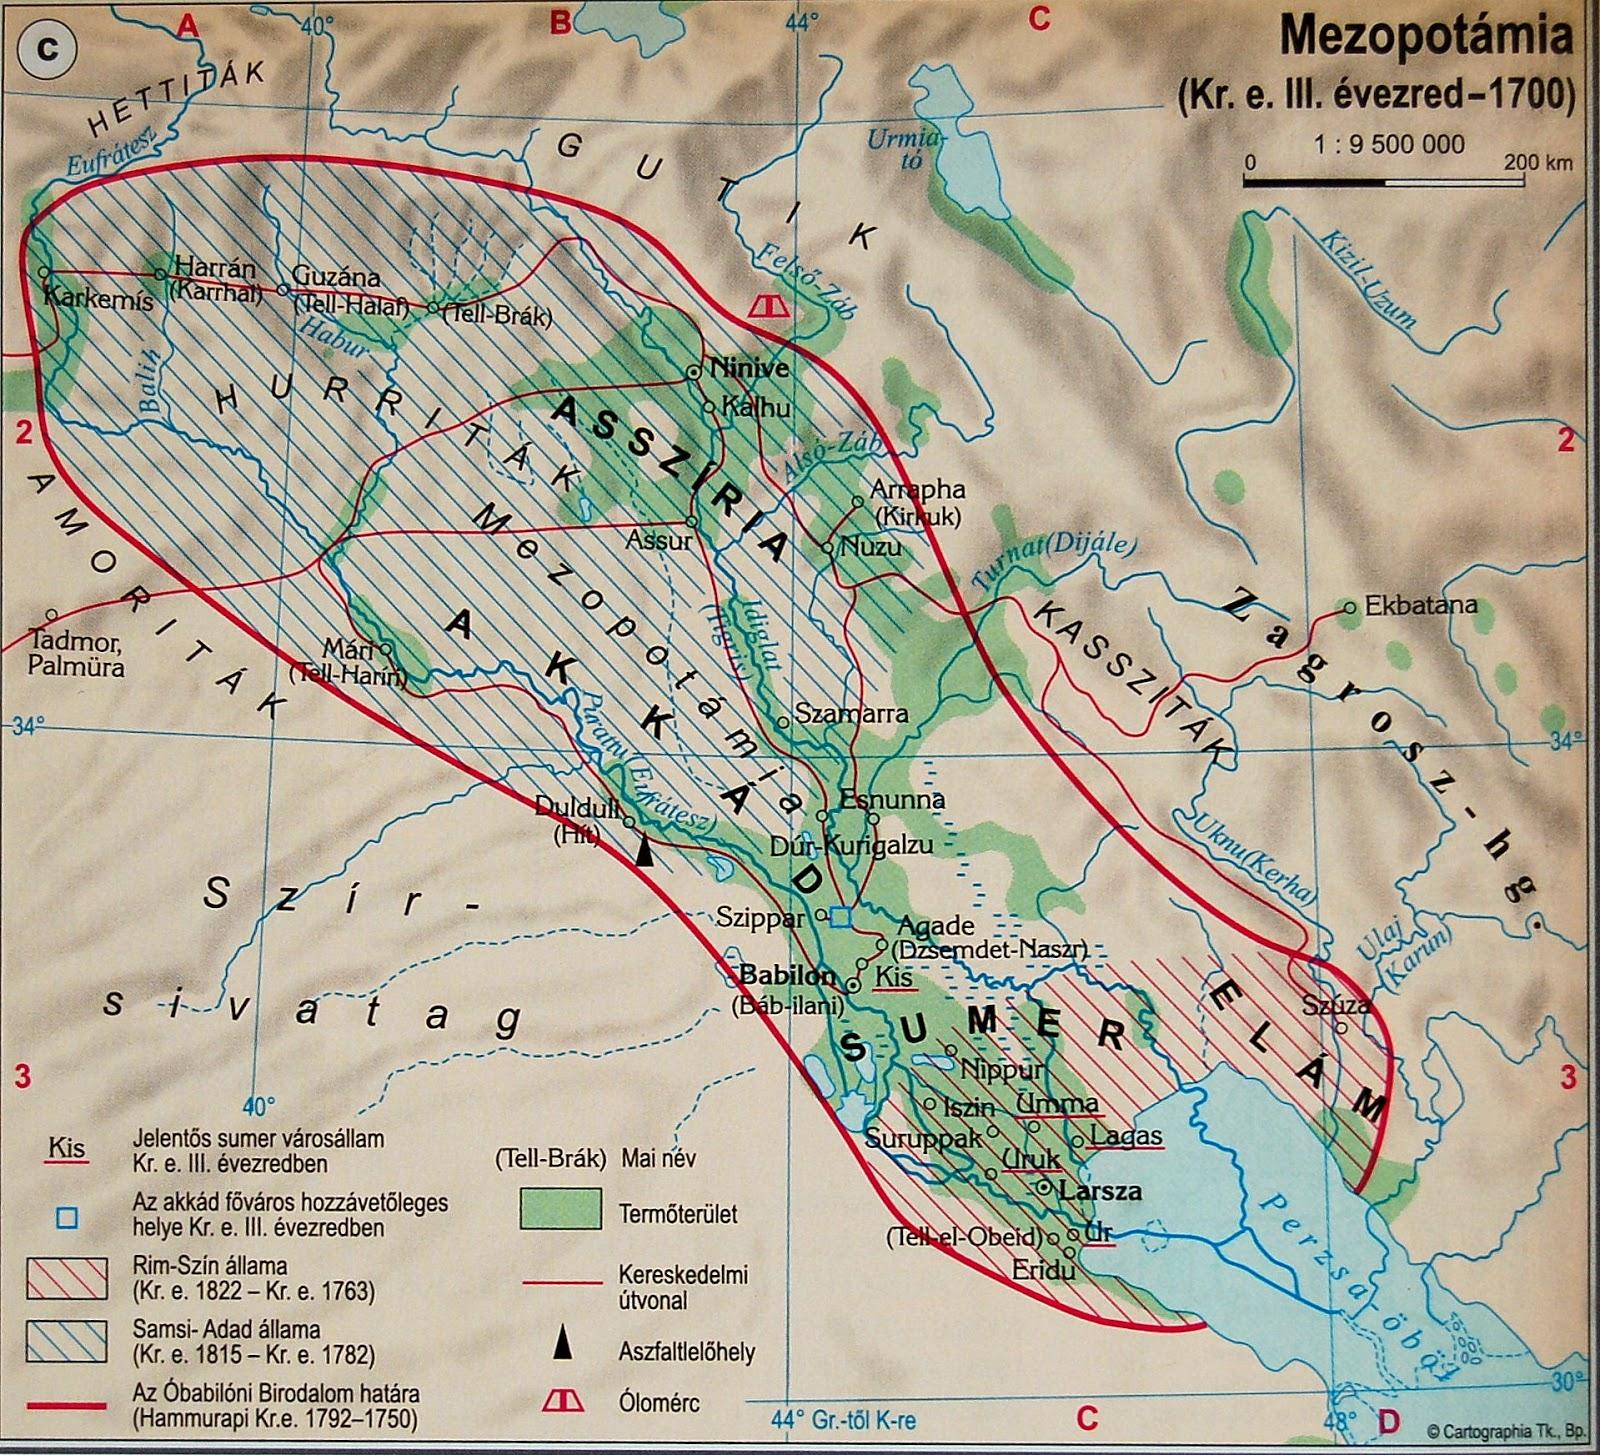 mezopotámia térkép kep telenseg: Térképek mezopotámia térkép